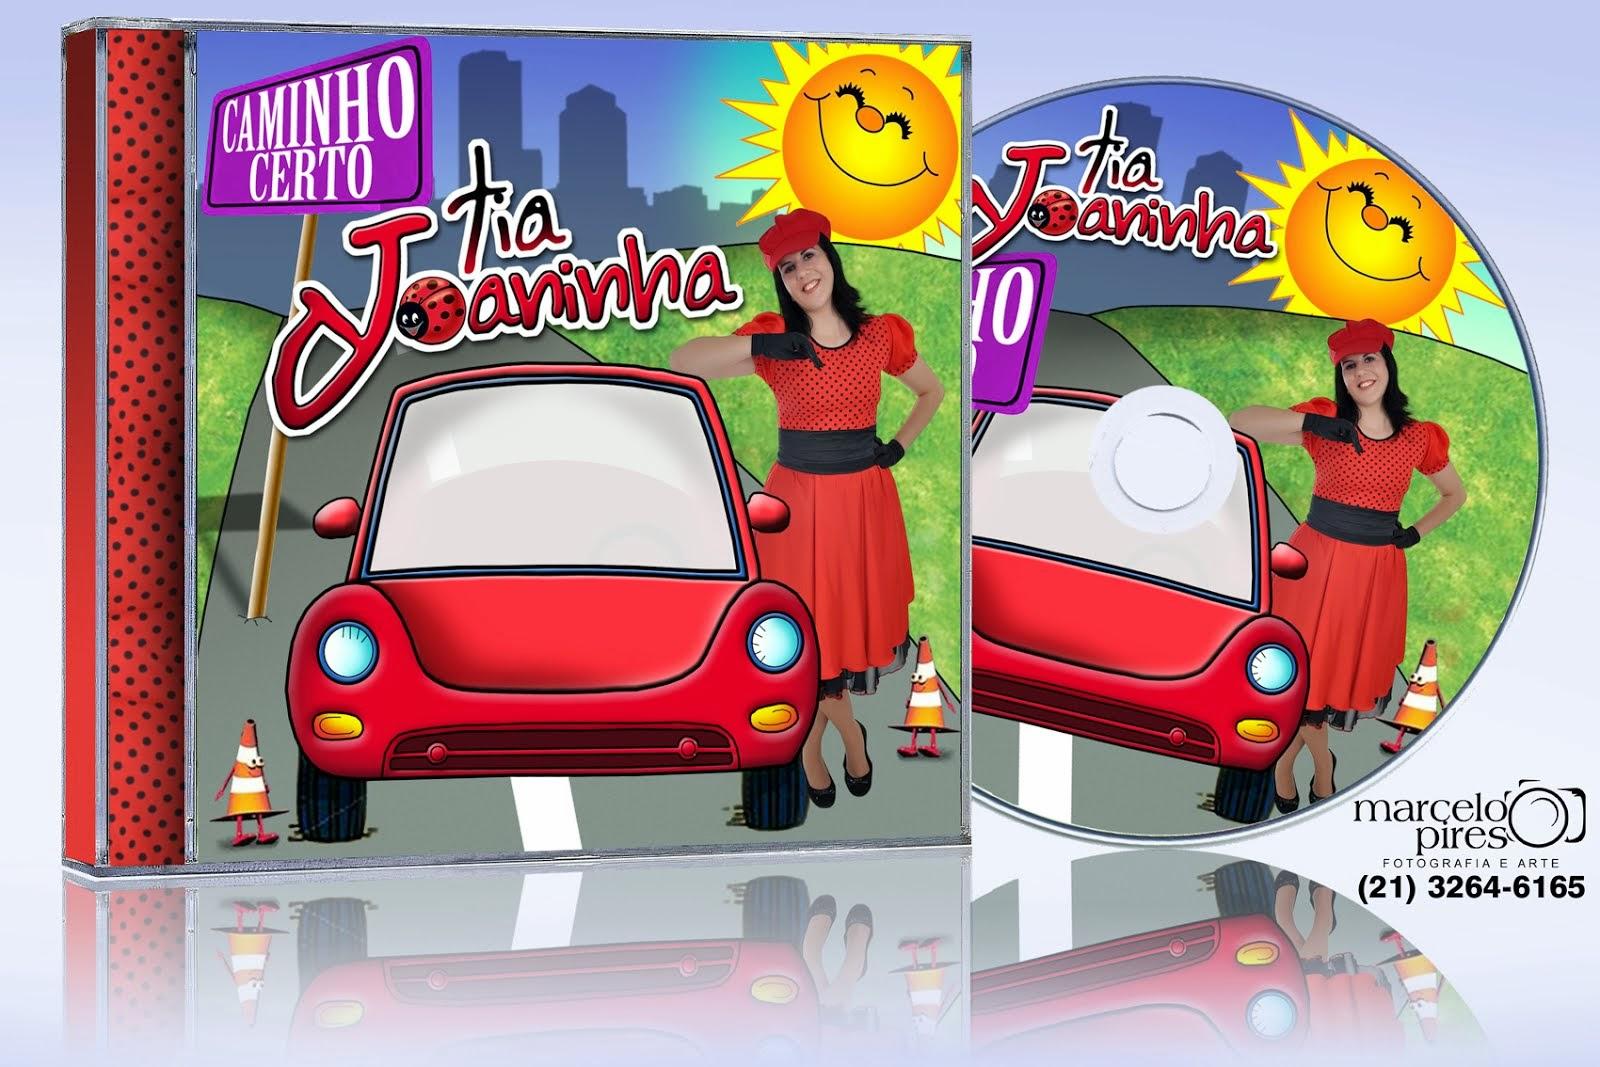 CD Caminho Certo